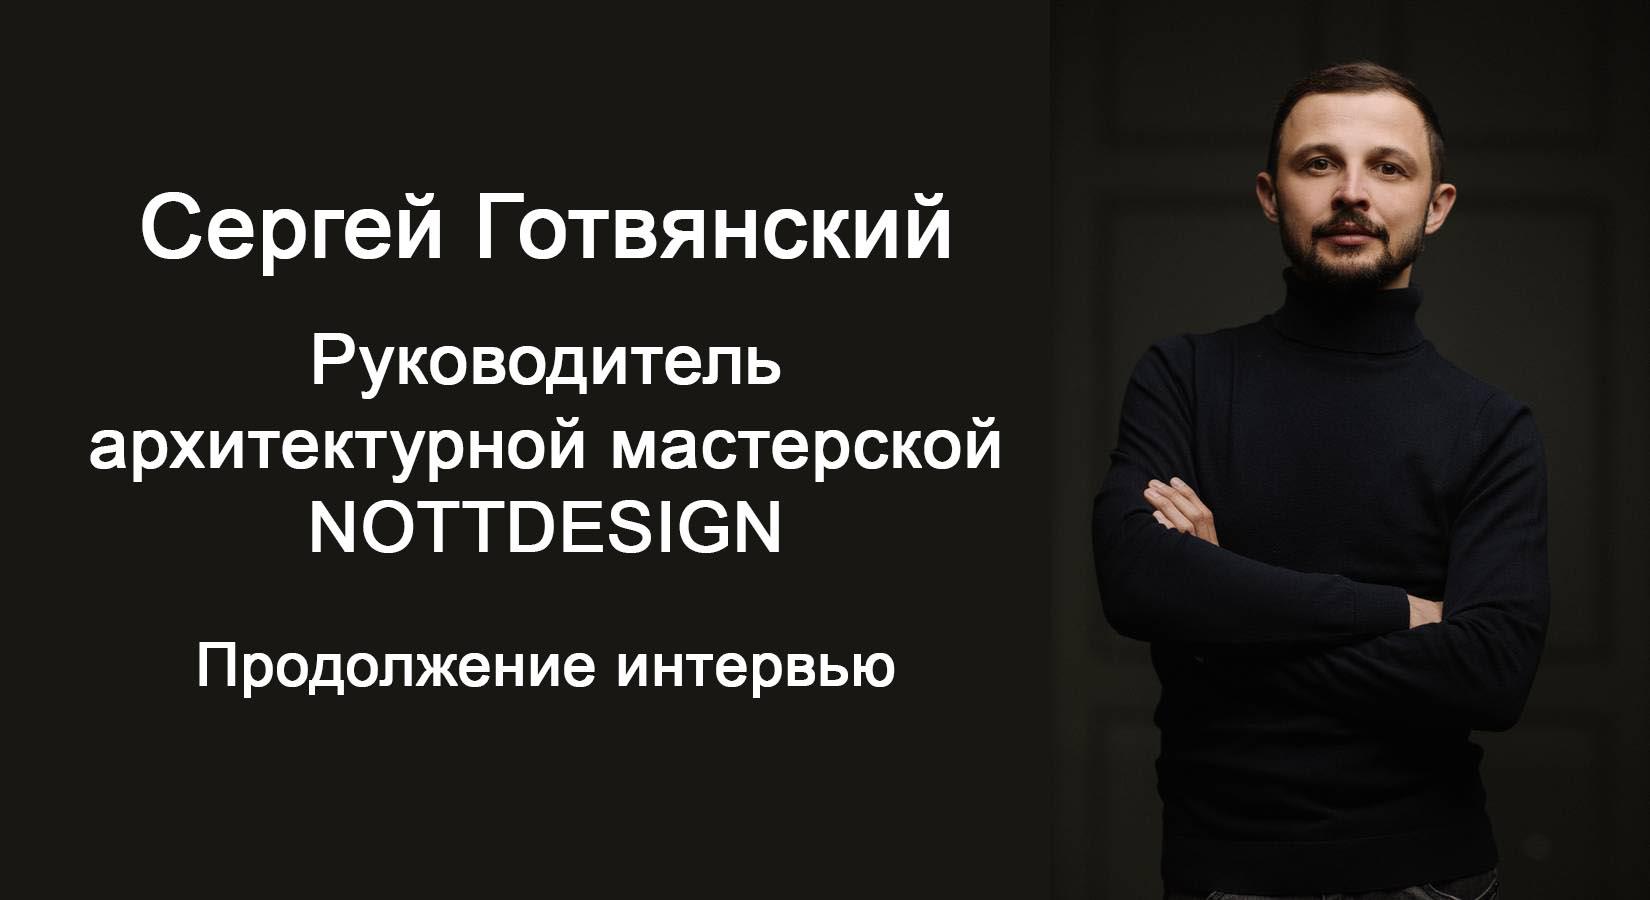 Інтерв'ю Сергія Готвянского (архітектурна майстерня NOTTDESIGN) бренду DAVIS CASA. Частина 2